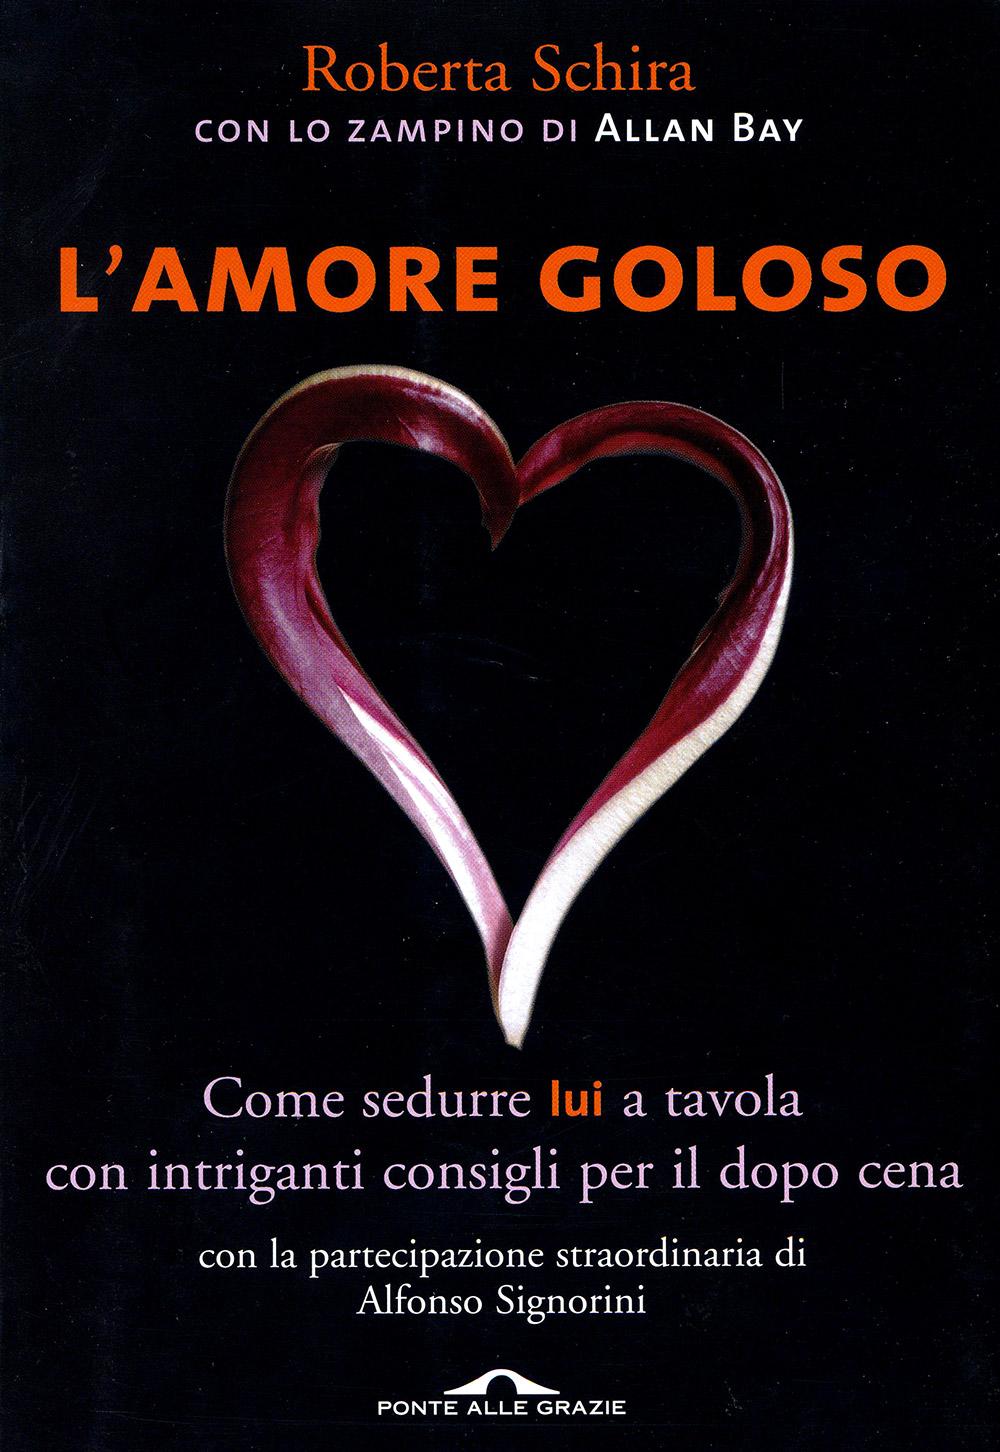 Roberta Schira - L'amore goloso - Ponte alle Grazie